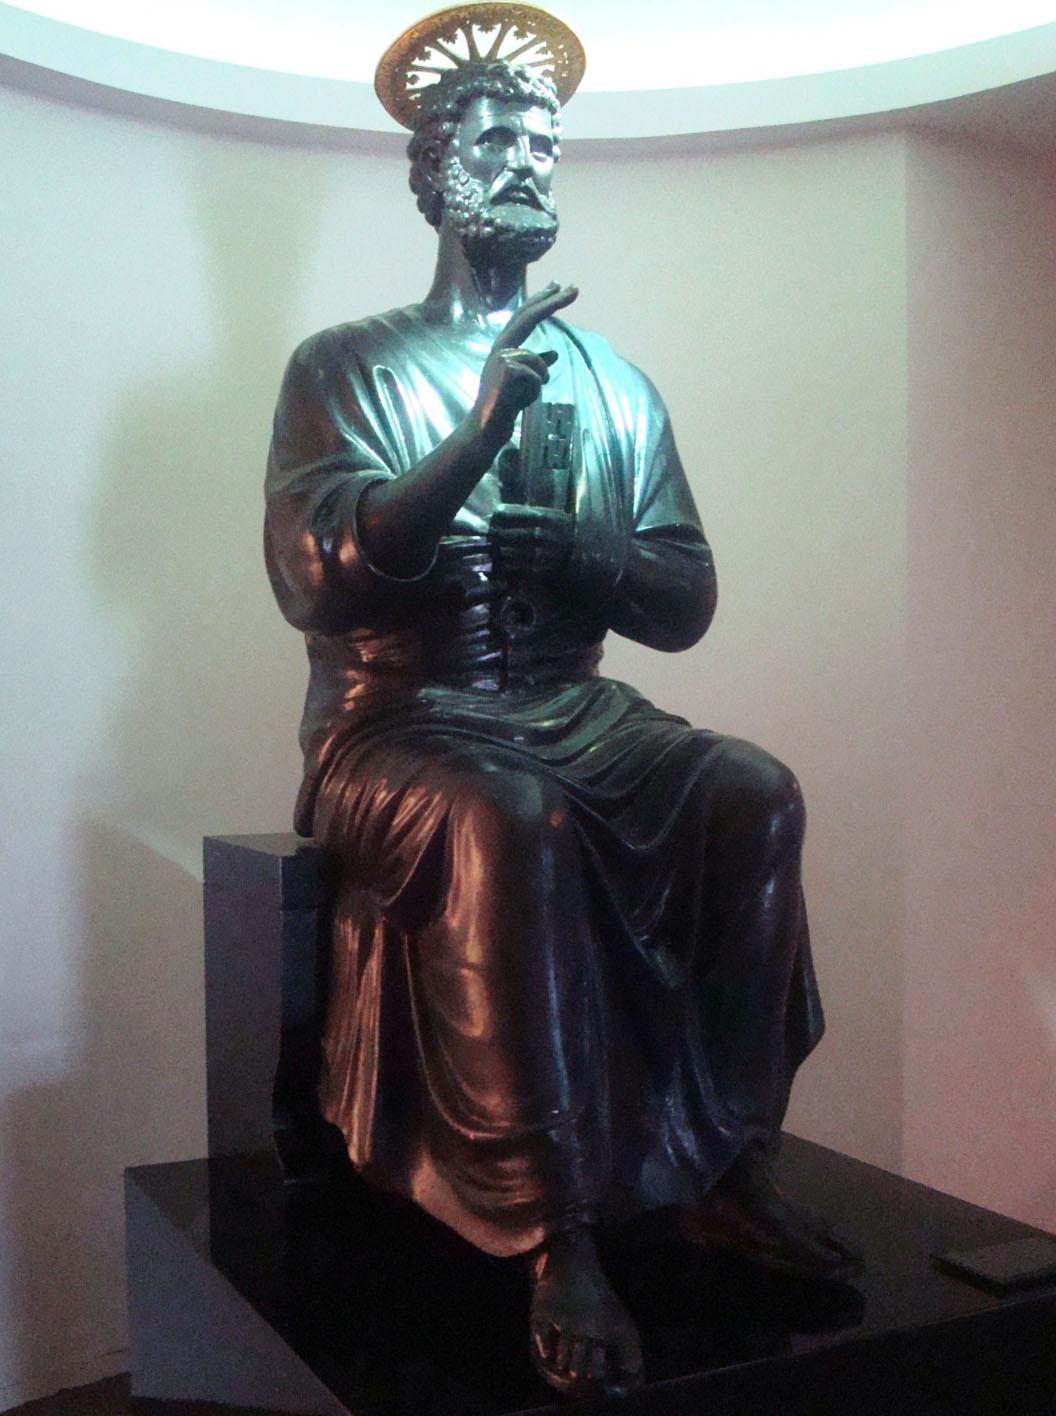 En sus galerías se exhiben piezas de arte de gran valor histórico, entre las que se incluyen (como una de las joyas de la colección) la cruz original de la estatua del Cristo Redentor de la Basílica Papal de San Pedro, en Roma